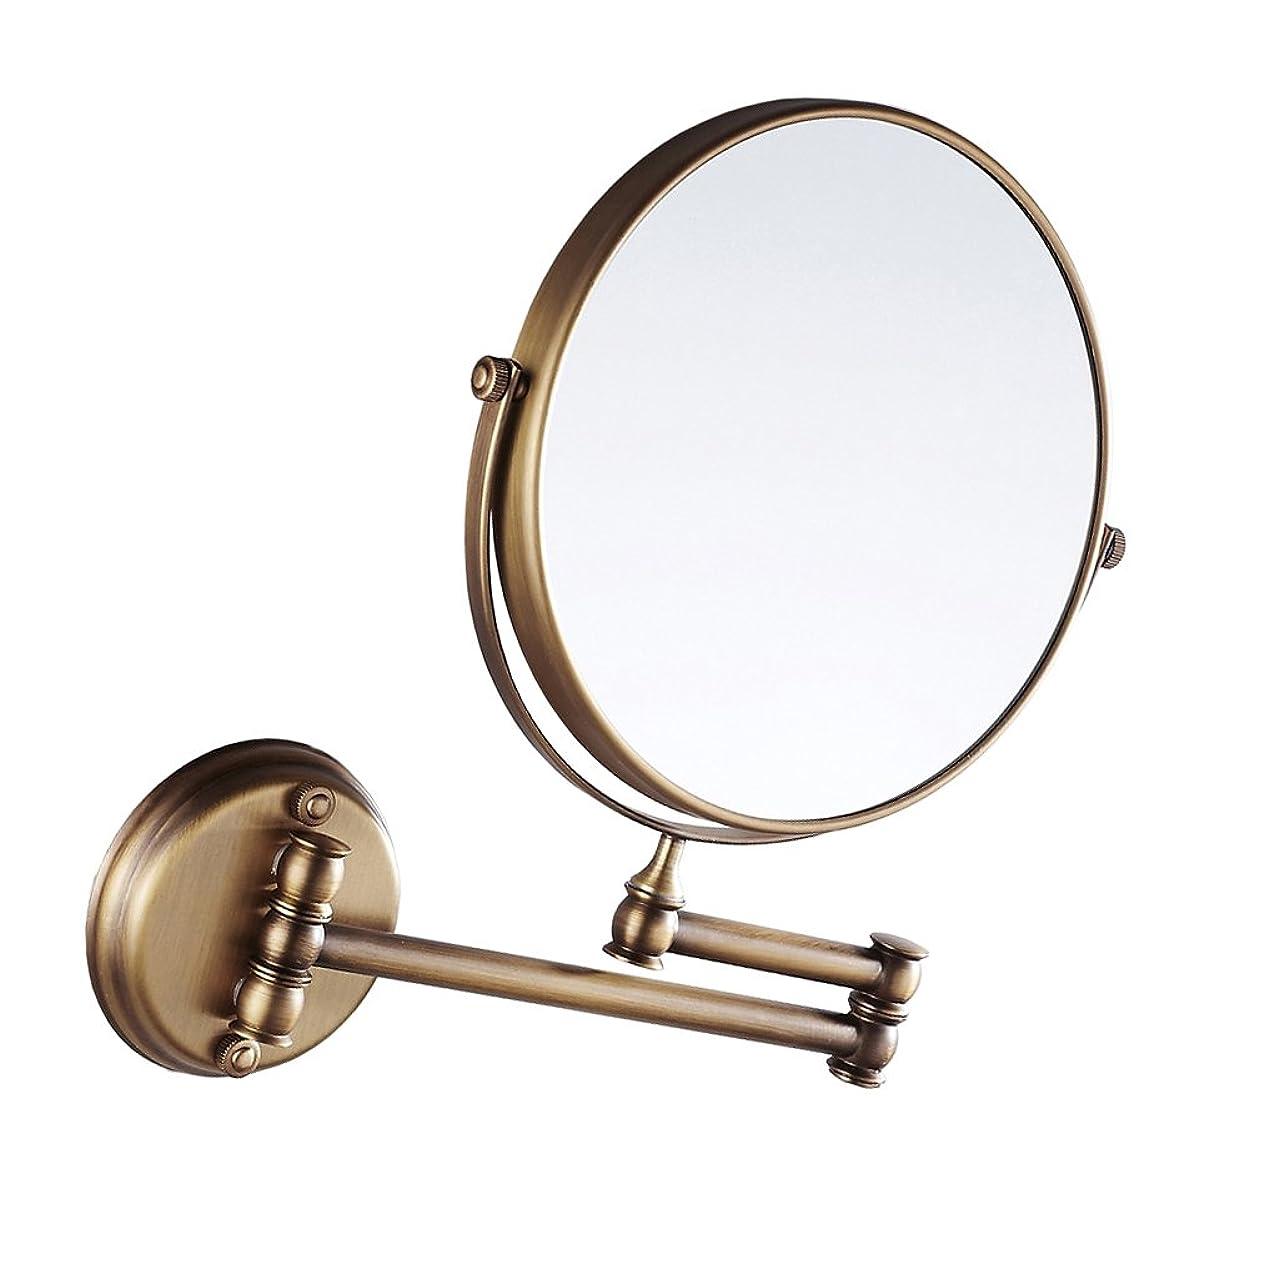 一次円形ことわざDovewill 全4色 壁掛け 折りたたみミラー 拡大鏡 両面鏡 化粧鏡 調整可能 360度回転 上質 バスルーム 洗面台  - アンティーク